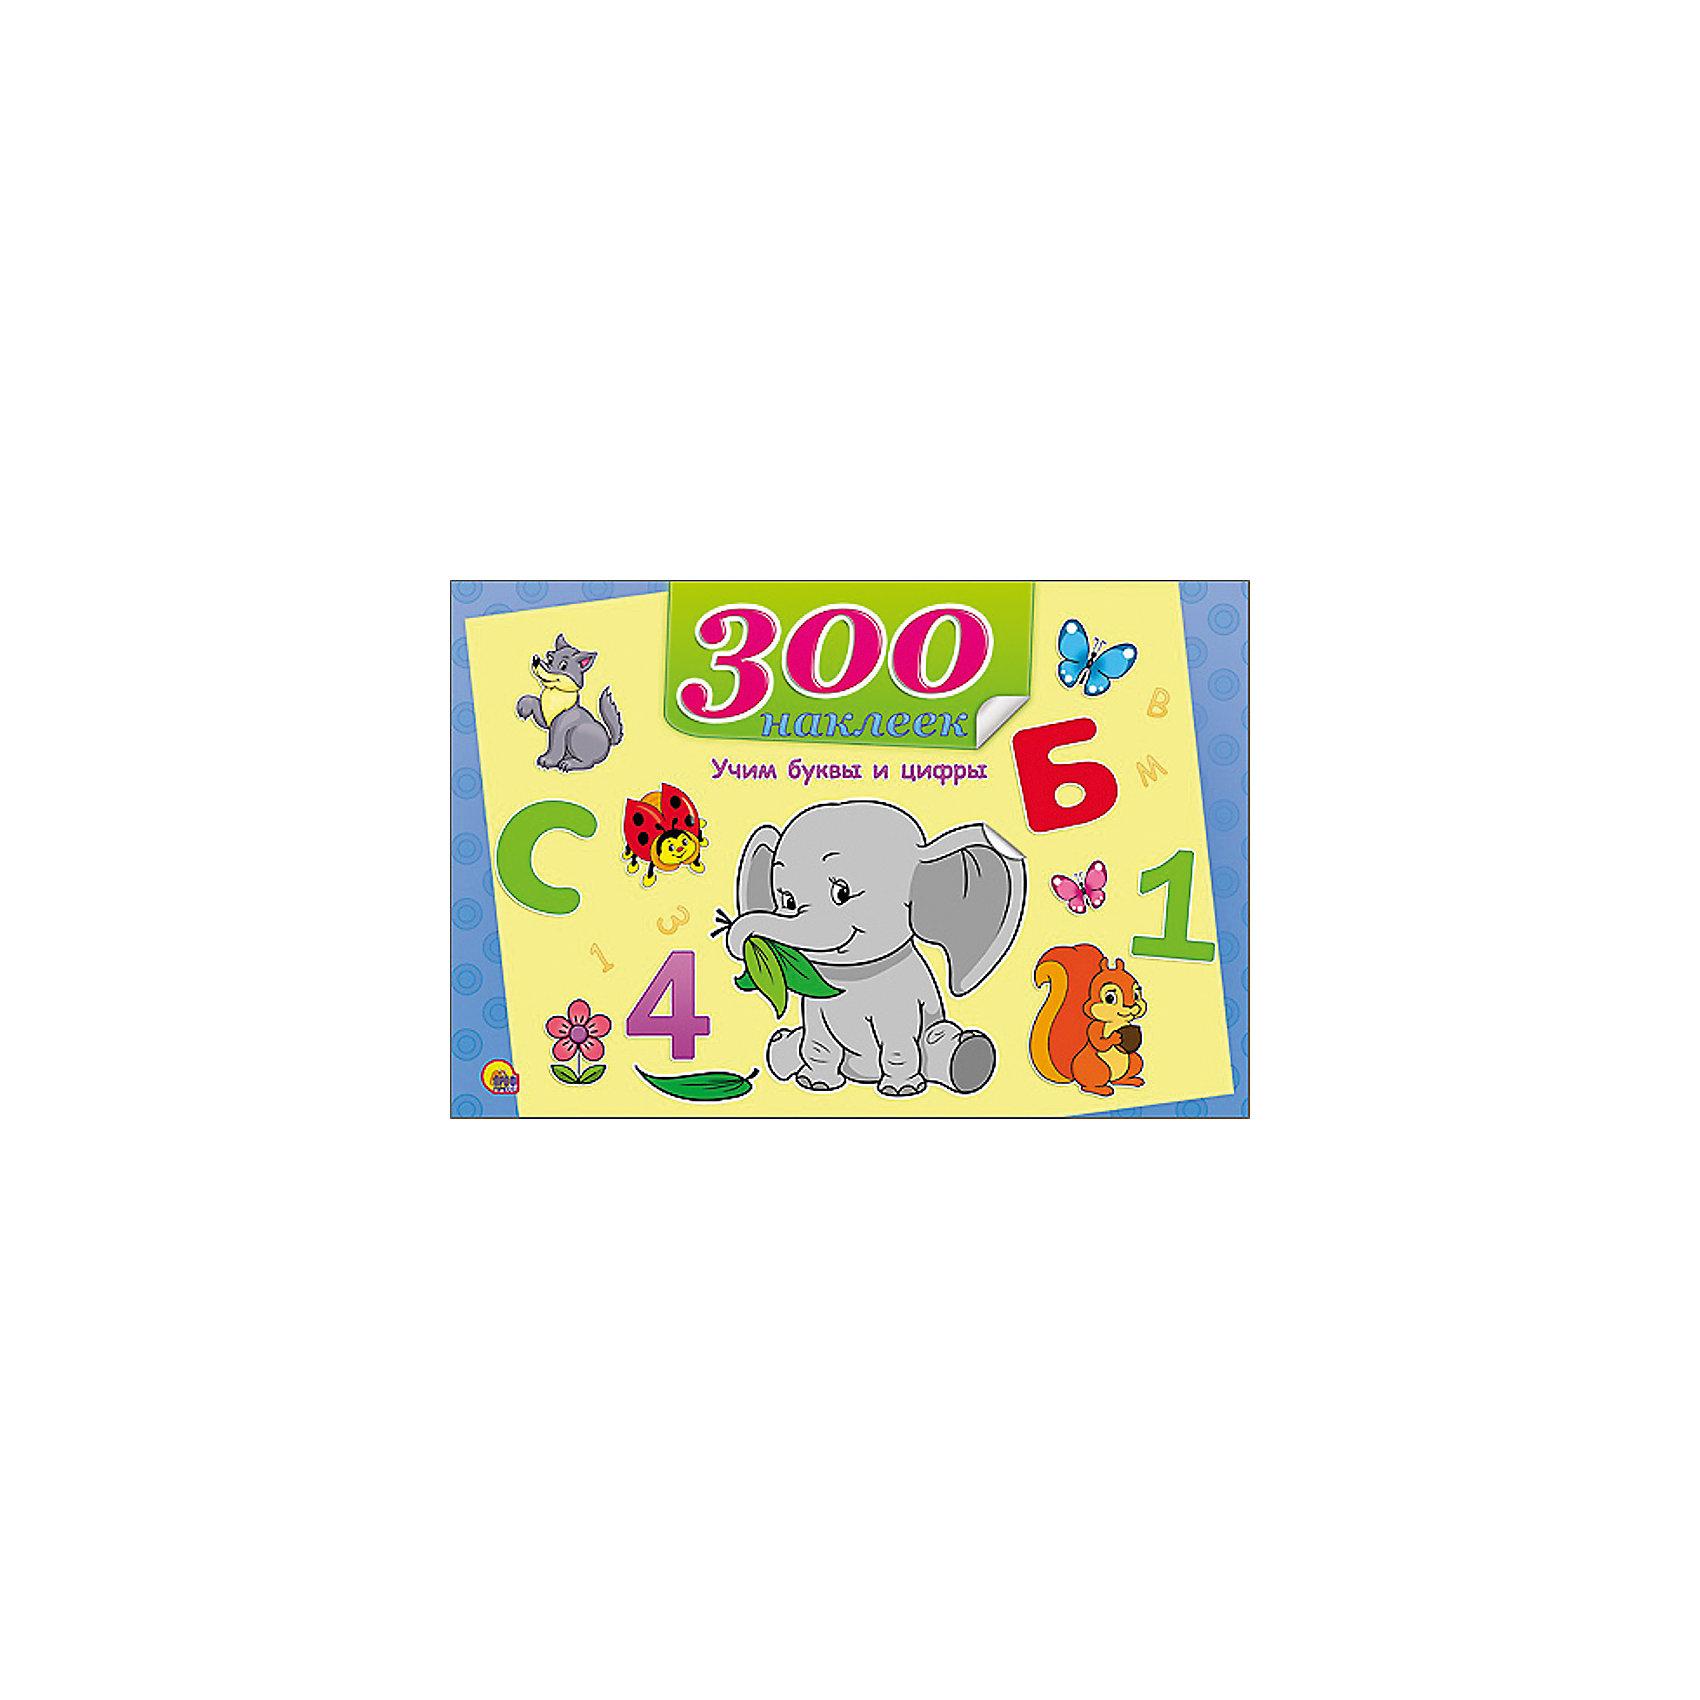 300 наклеек Учим буквы и цифрыТворчество для малышей<br>300 наклеек Учим буквы и цифры – это калейдоскоп красочных наклеек, которые познакомят малыша с буквами и цифрами.<br>В этом большом чудесном альбоме вашего малыша ждут 300 потрясающих ярких наклеек! Стикеры с красочными картинками, буквами и цифрами помогут ребенку погрузиться в мир первых знаний, и познакомится с цифрами, счетом и алфавитом. Наклейки отлично подойдут для украшения аппликаций, открыток, тетрадей или альбомов. Для дошкольного и младшего школьного возраста.<br><br>Дополнительная информация:<br><br>- Издательство: Проф-Пресс, 2015 г.<br>- Серия: 300 наклеек<br>- Тип обложки: мягкий переплет (крепление скрепкой или клеем)<br>- Оформление: с наклейками<br>- Иллюстрации: цветные<br>- Количество страниц: 8 (мелованная)<br>- Размер: 197x290x2 мм.<br>- Вес: 118 гр.<br><br>Альбом 300 наклеек Учим буквы и цифры можно купить в нашем интернет-магазине.<br><br>Ширина мм: 295<br>Глубина мм: 3<br>Высота мм: 200<br>Вес г: 150<br>Возраст от месяцев: 0<br>Возраст до месяцев: 36<br>Пол: Унисекс<br>Возраст: Детский<br>SKU: 4500303